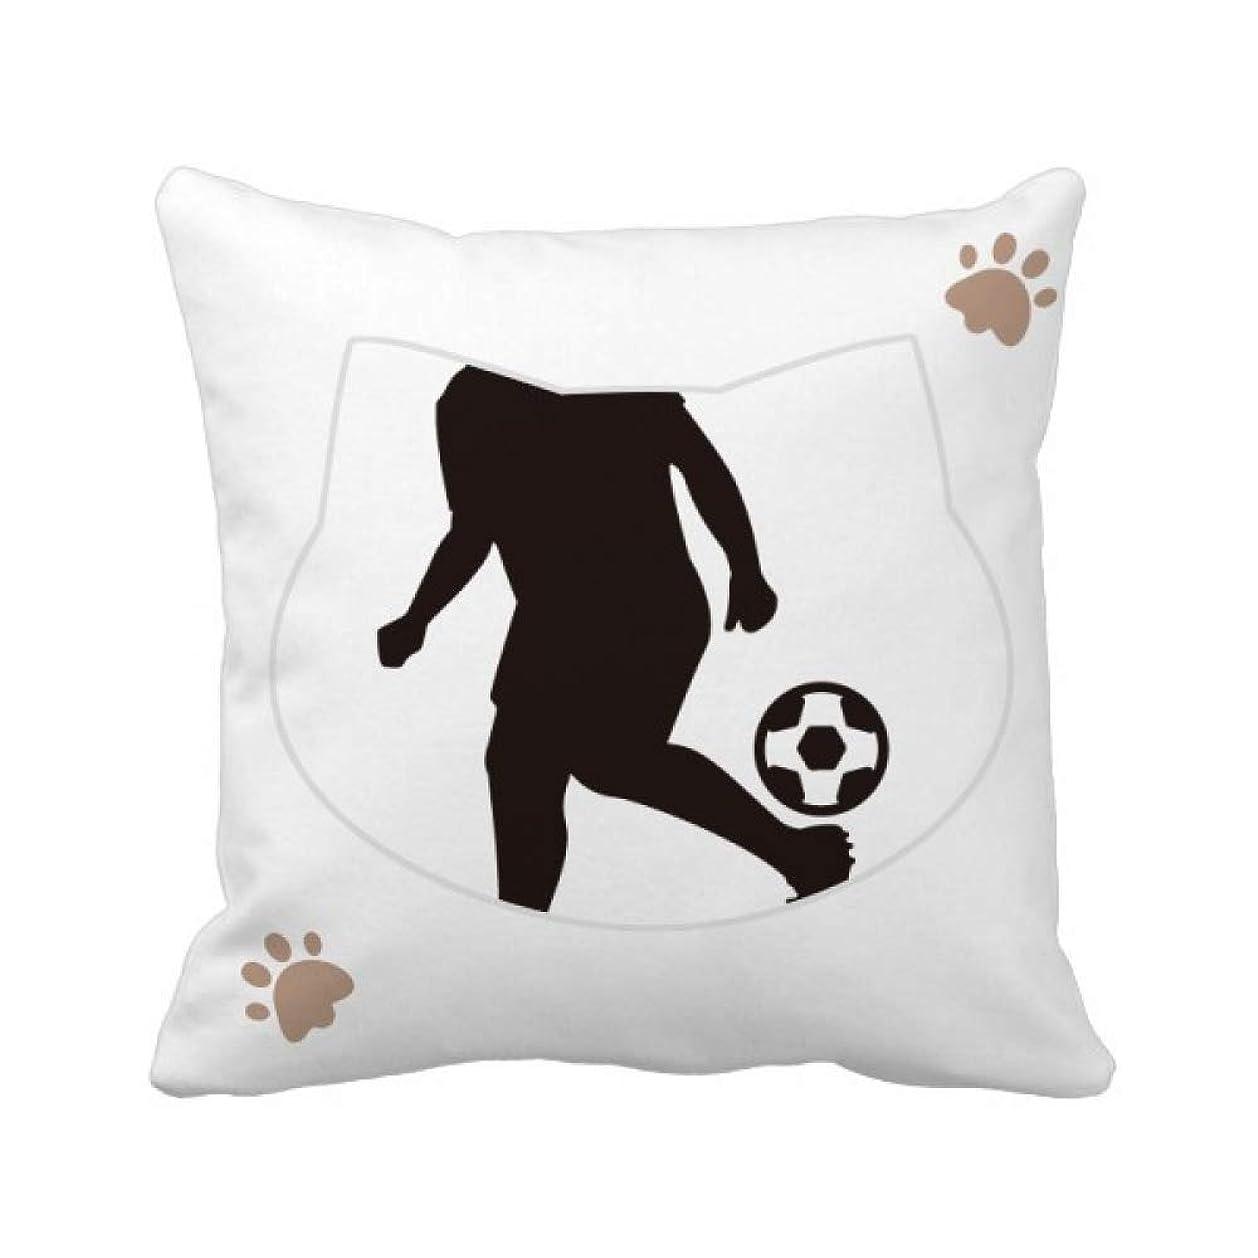 熱帯の剪断クライストチャーチサッカーのスポーツのシルエット 枕カバーを放り投げる猫広場 50cm x 50cm